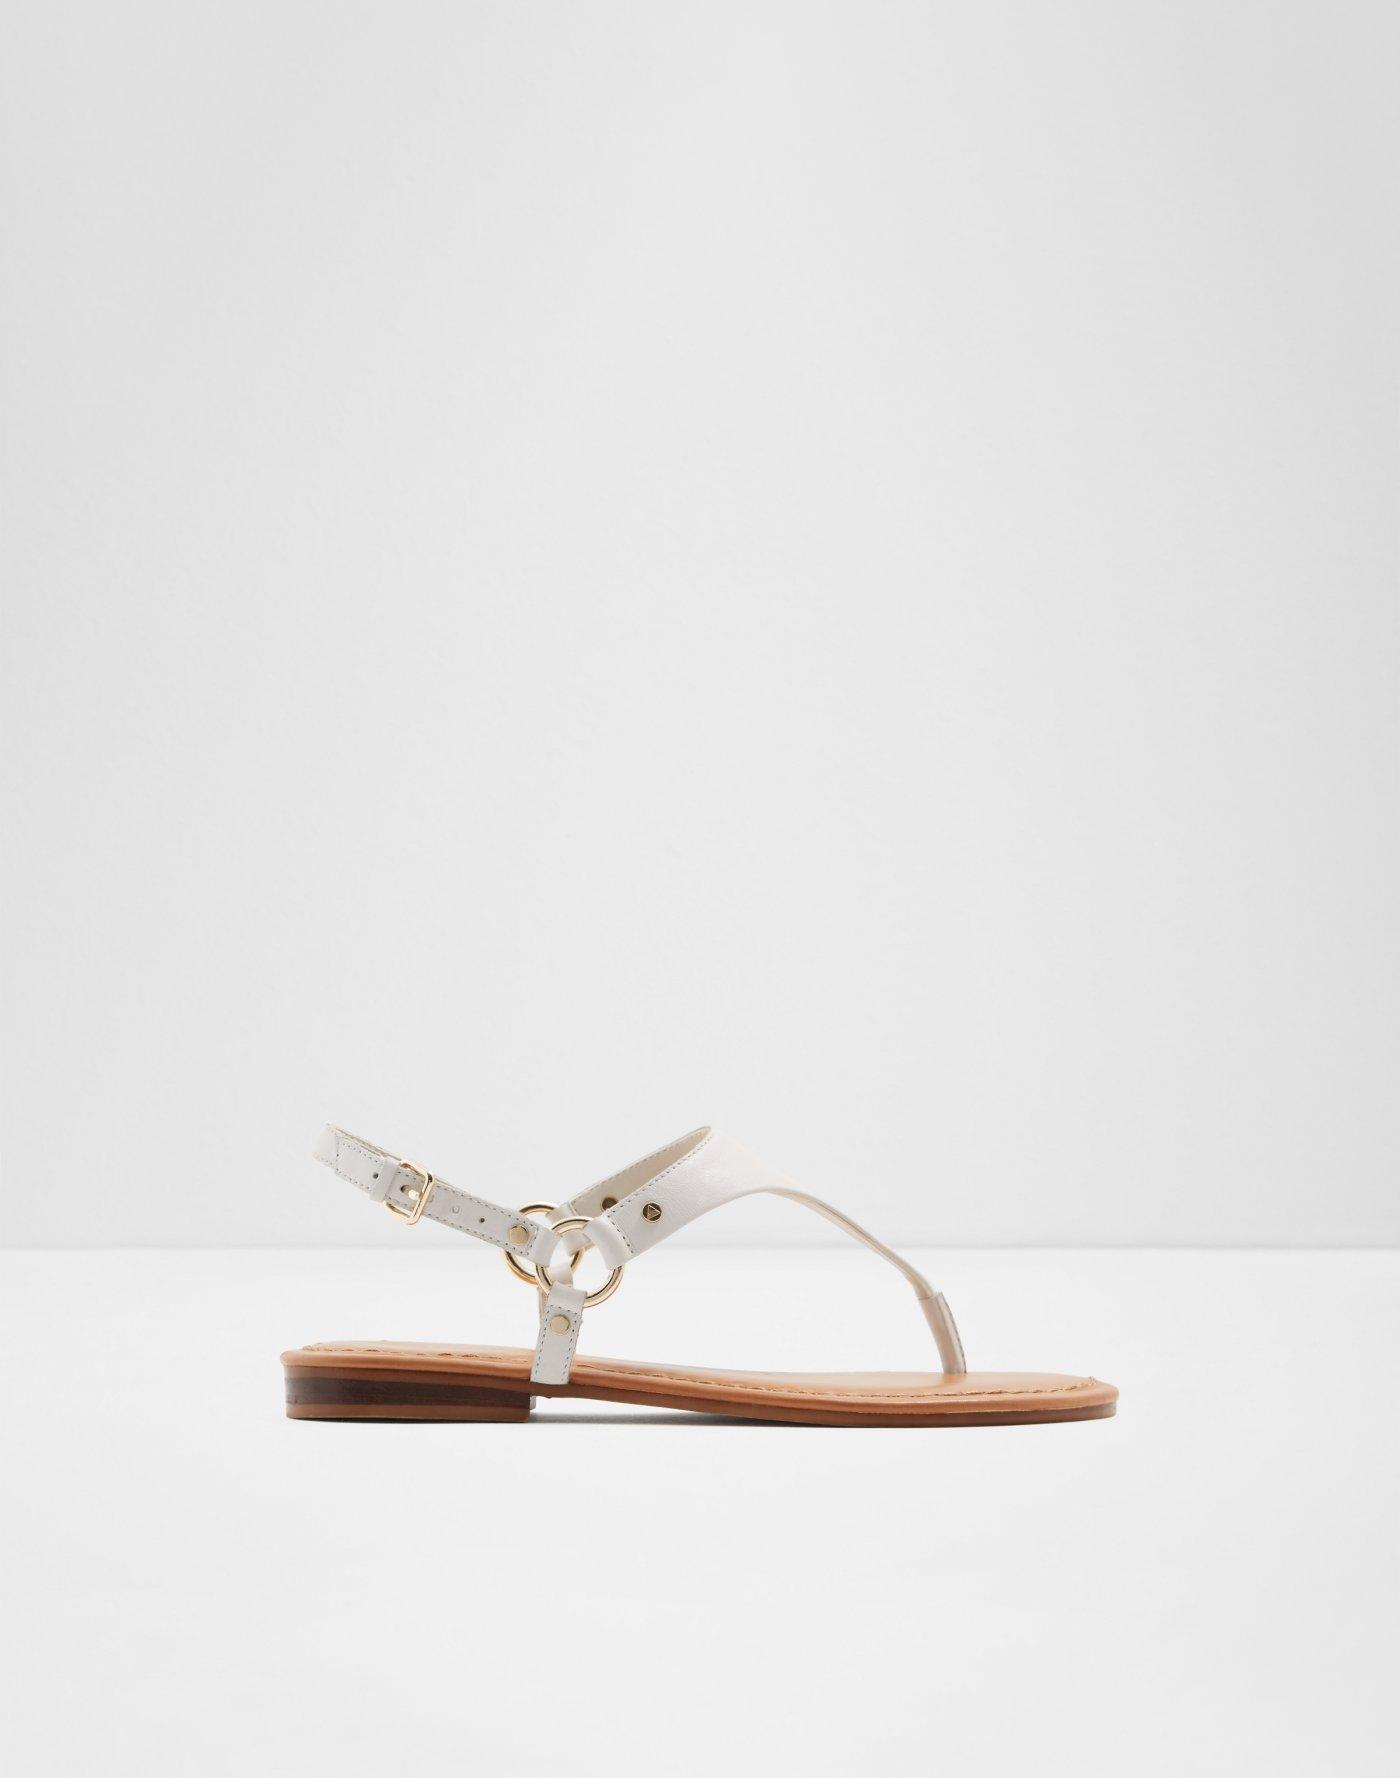 Accessoires FemmeAldo Pour Soldes Et Chaussures vm80nNw